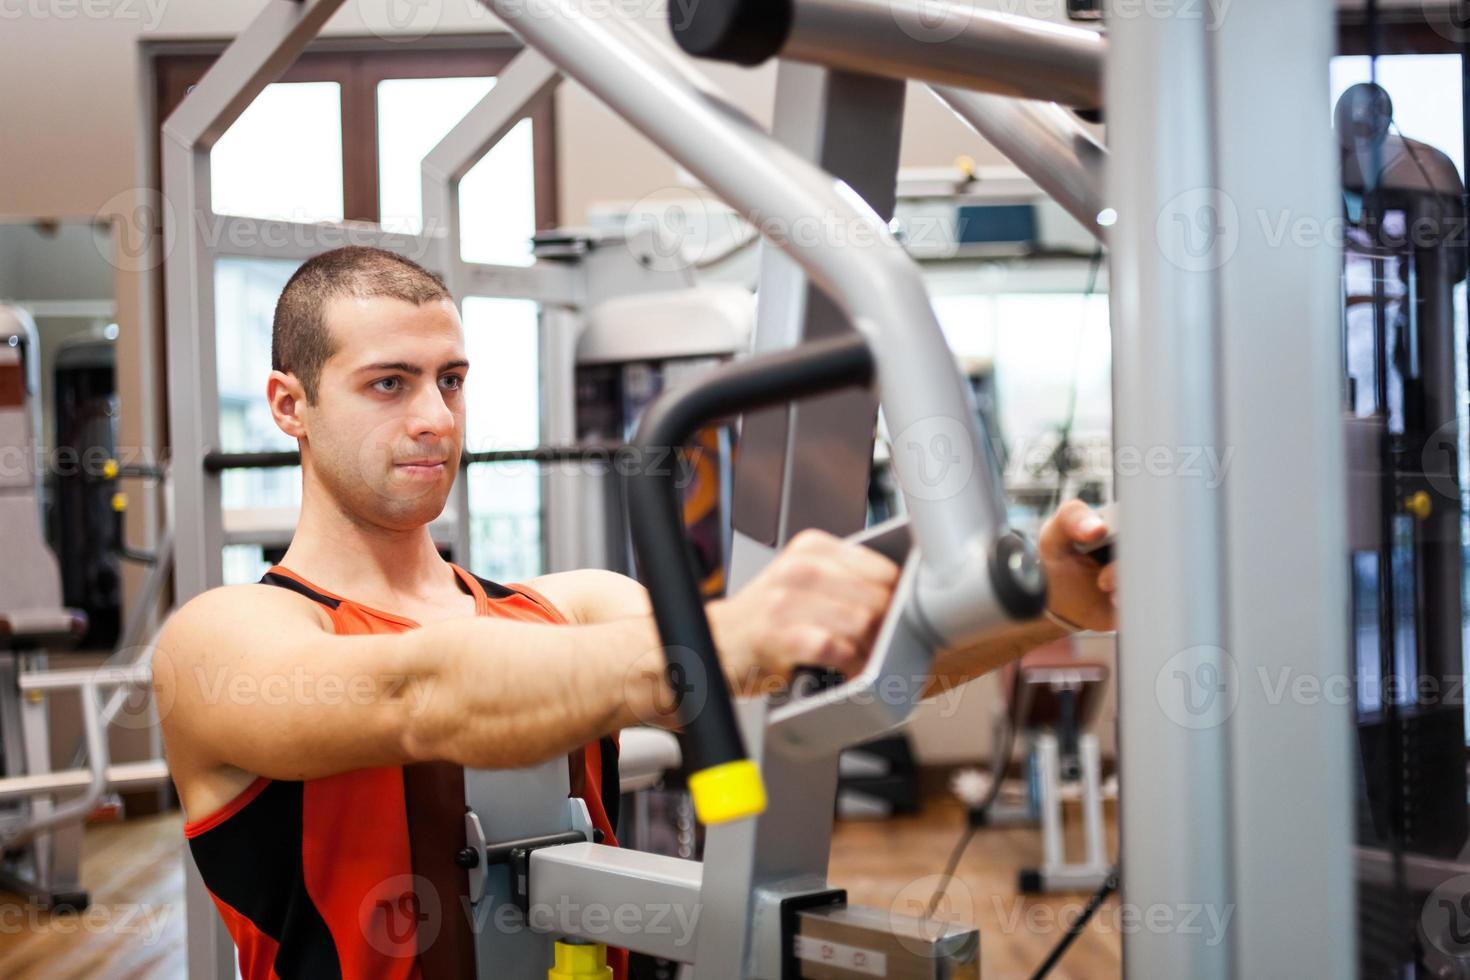 homem treinando em um clube de fitness foto